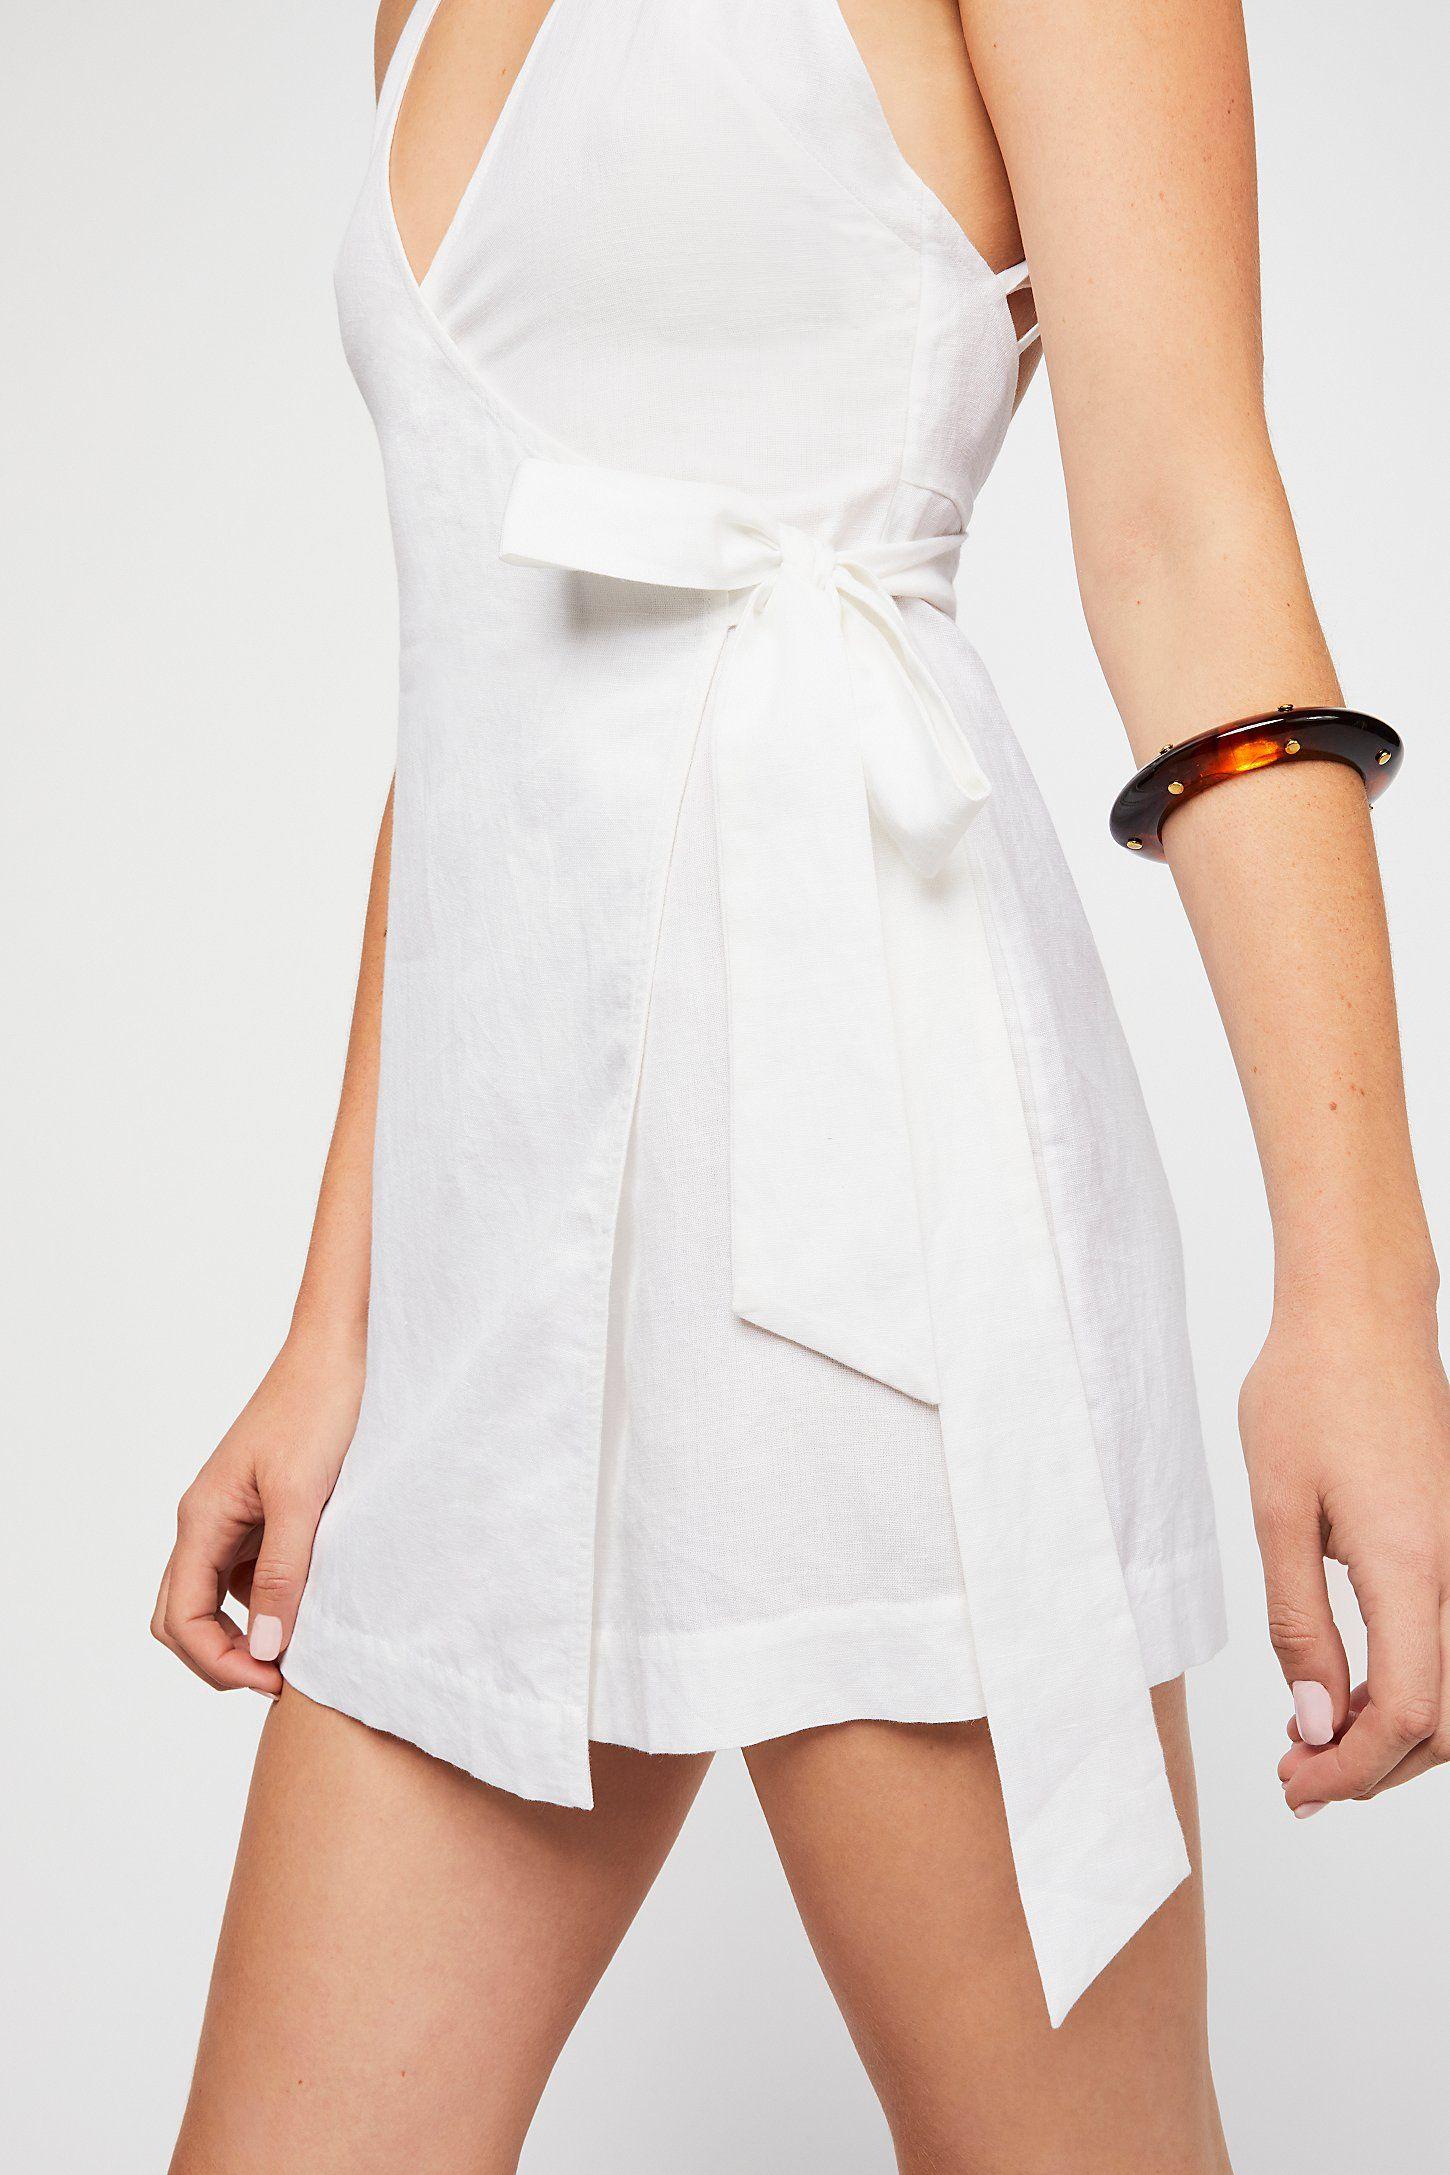 cad821d6a7547 Fine Lines Mini Dress   AX - TJ   Dresses, Free people dress, Line